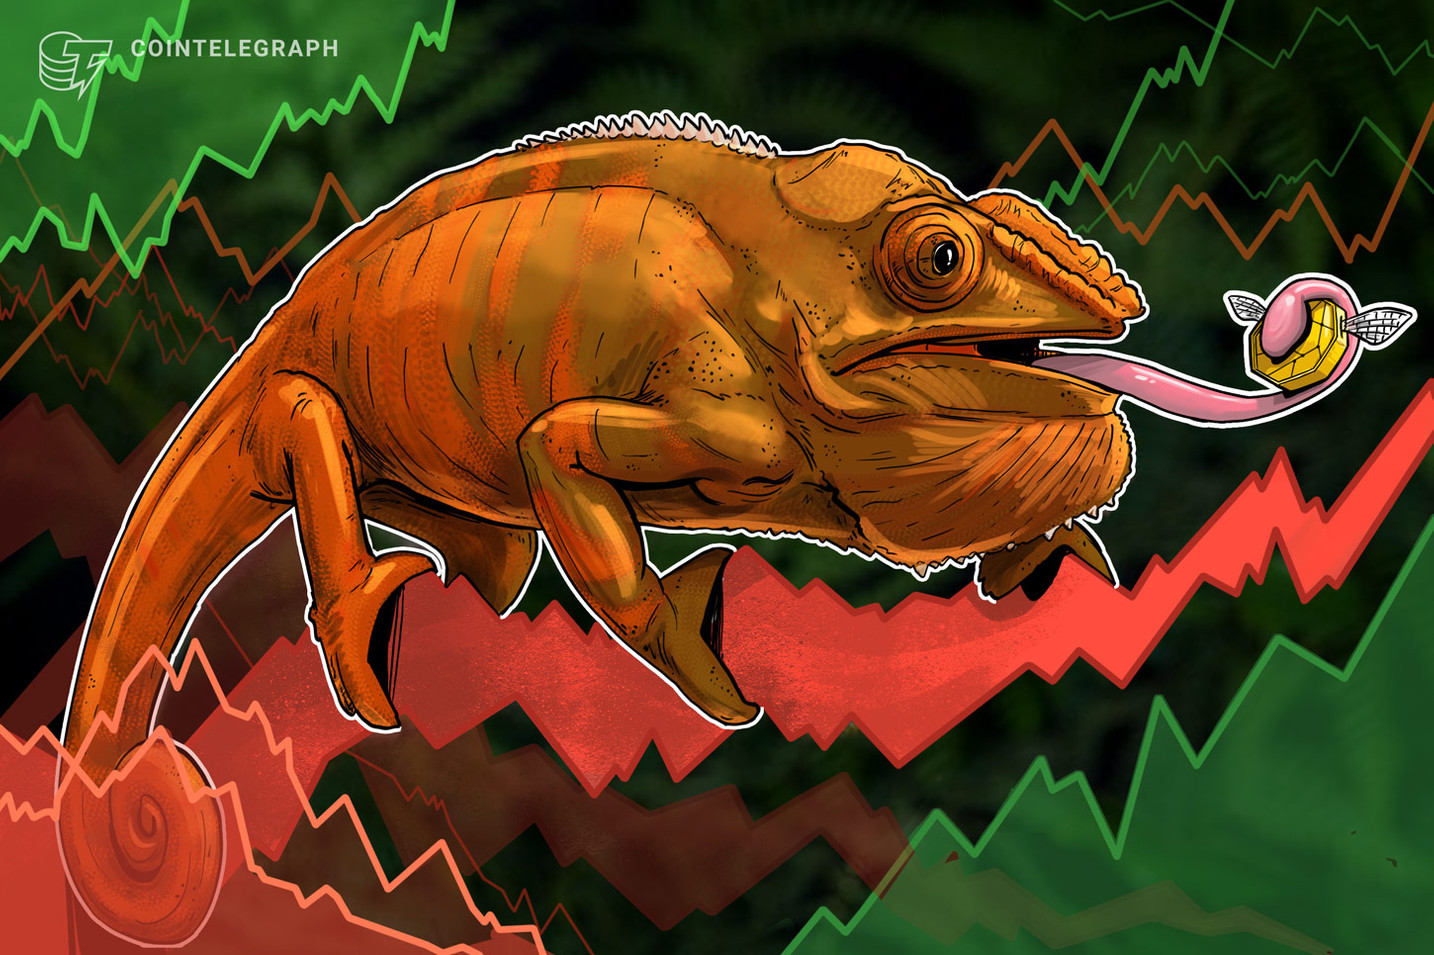 Märkte stagnieren nach Scheinausbruch: Bitcoin pendelt um 8.300 US-Dollar